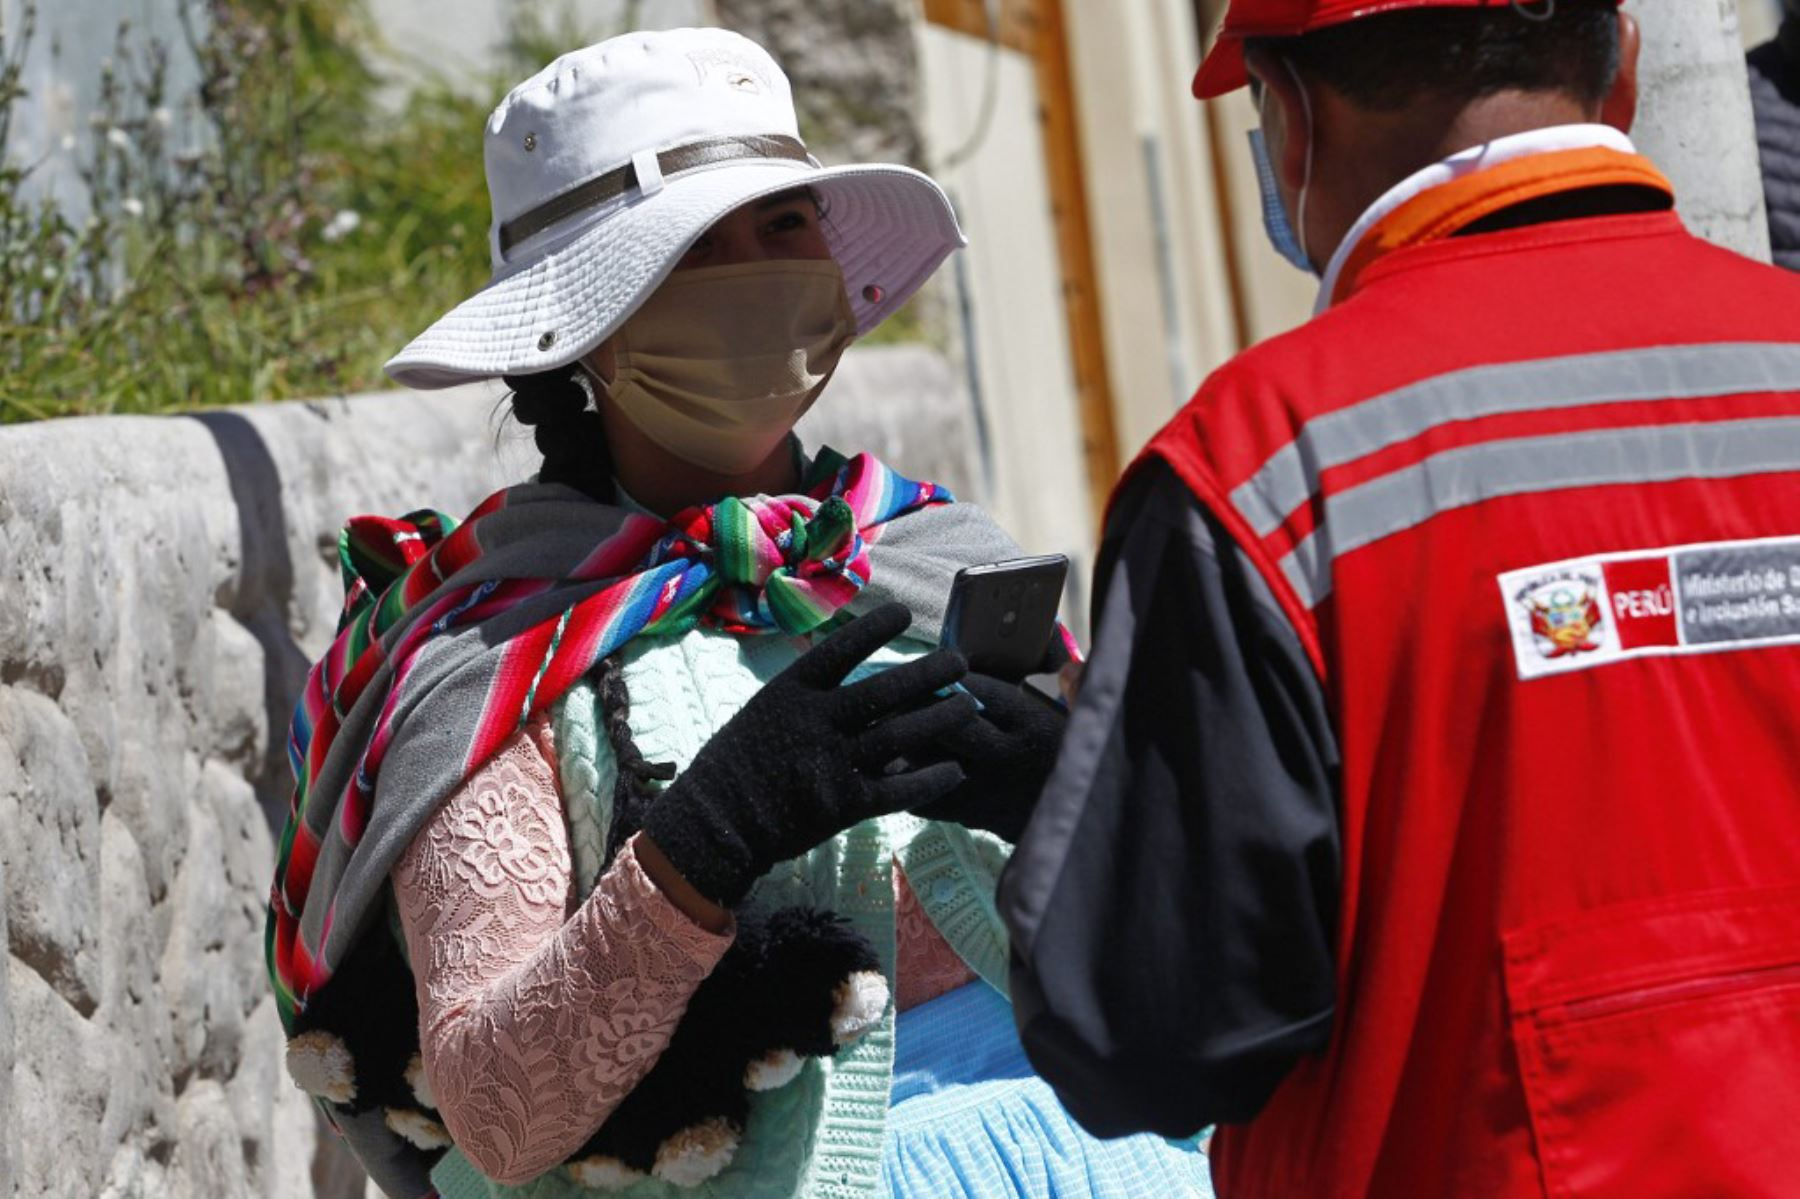 Una mujer con mascarilla es entrevistada por el personal del Ministerio de Mujeres y Poblaciones Vulnerables mientras ocupaba un puesto fuera de la institución Administradora de Fondos de Pensiones, en Puno. Foto: AFP